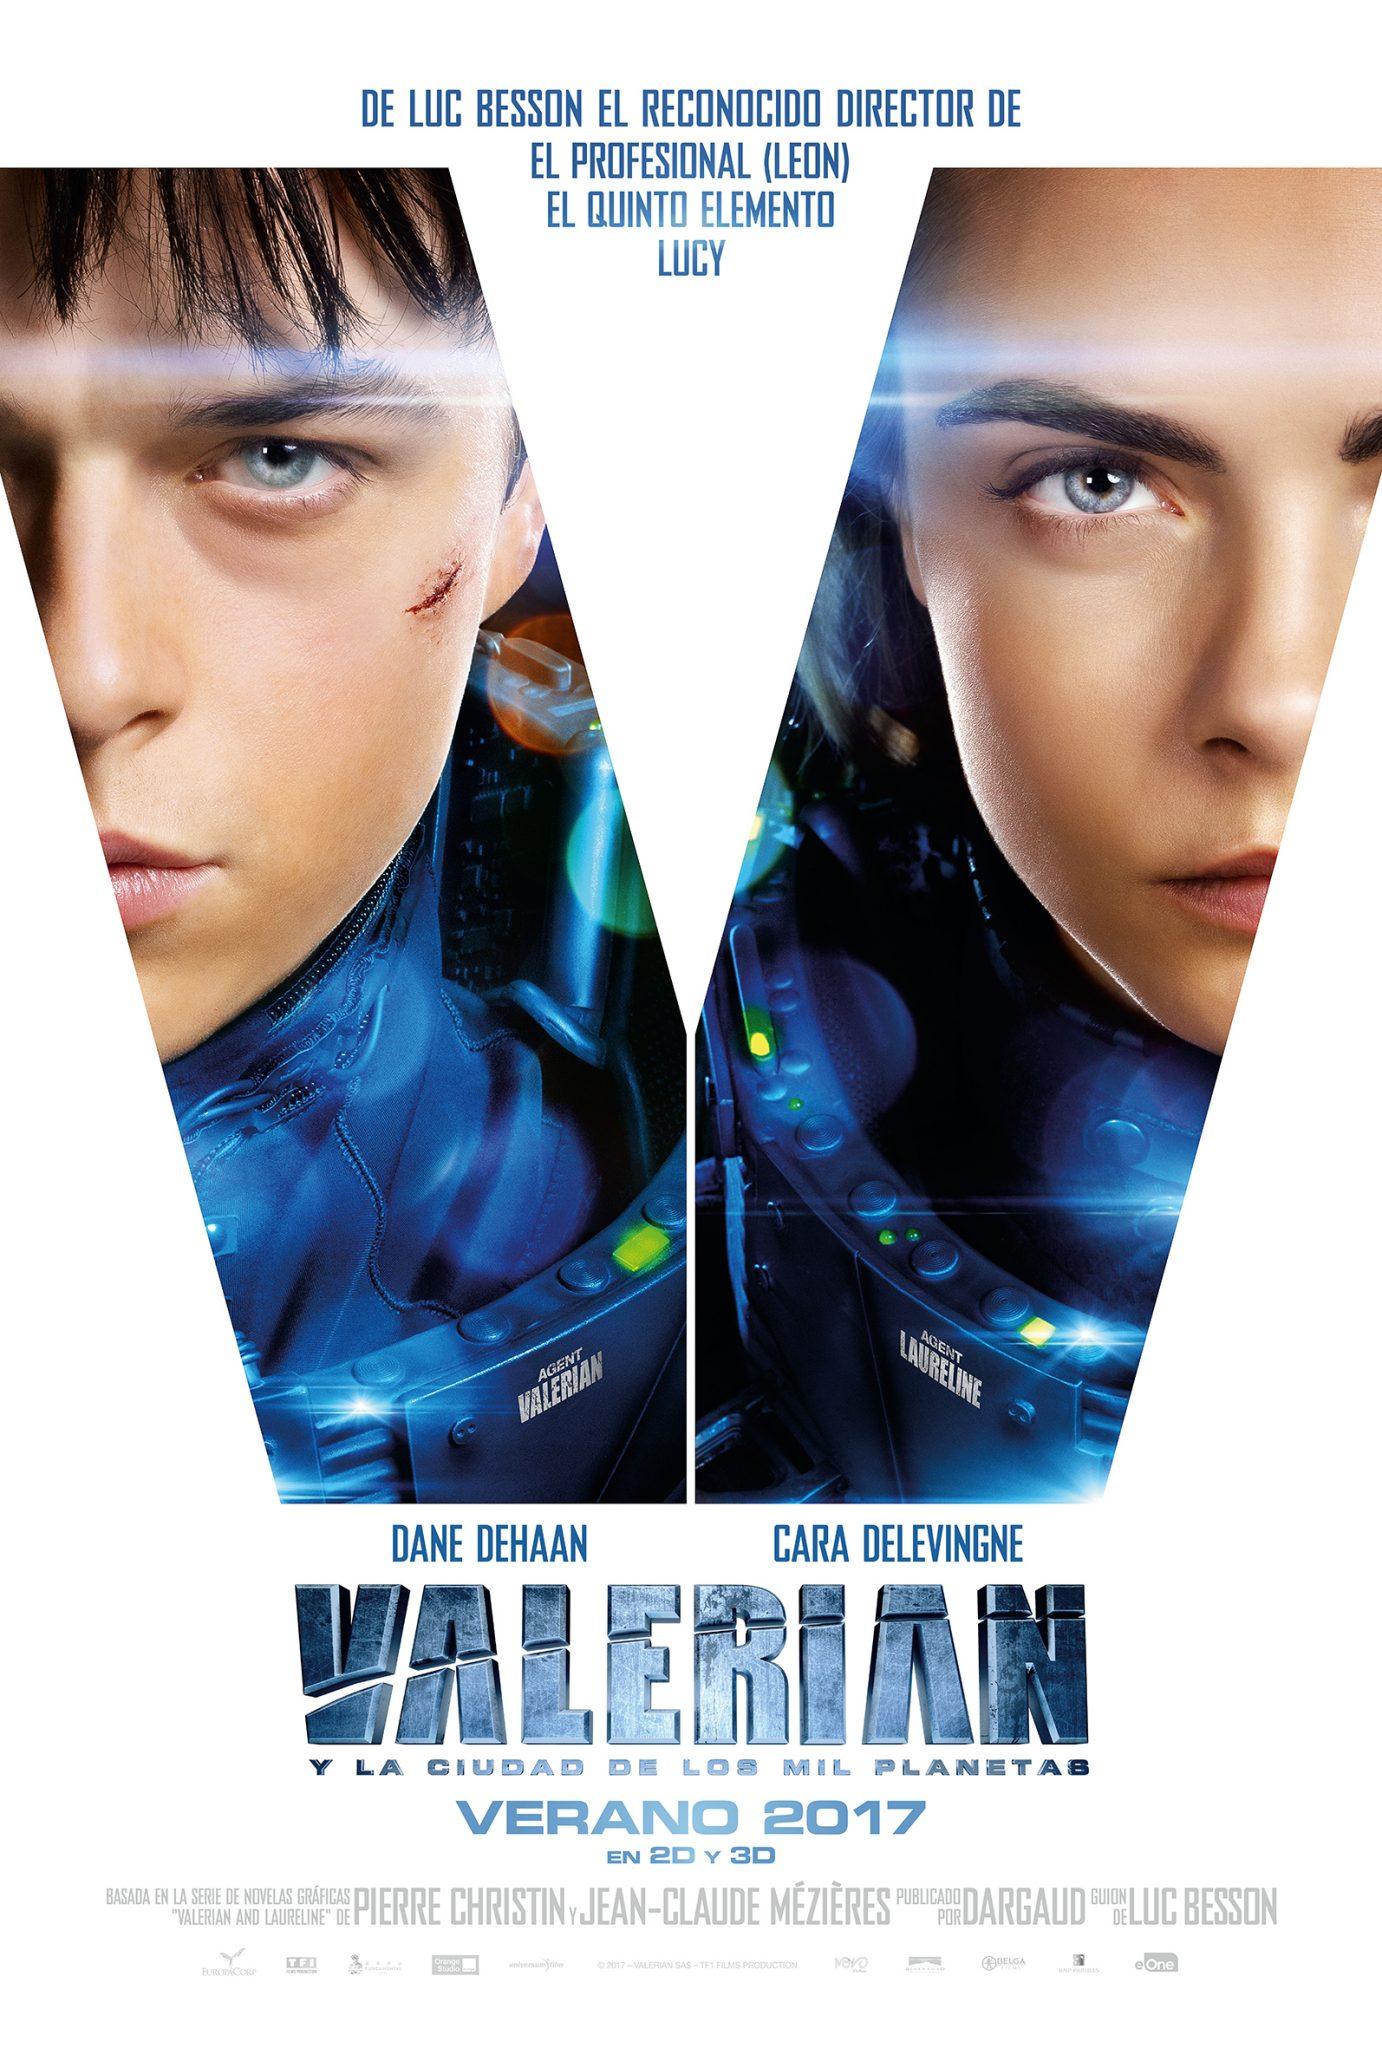 Valerian y la ciudad<br>de los mil planetas<br>Estreno 18 de agosto